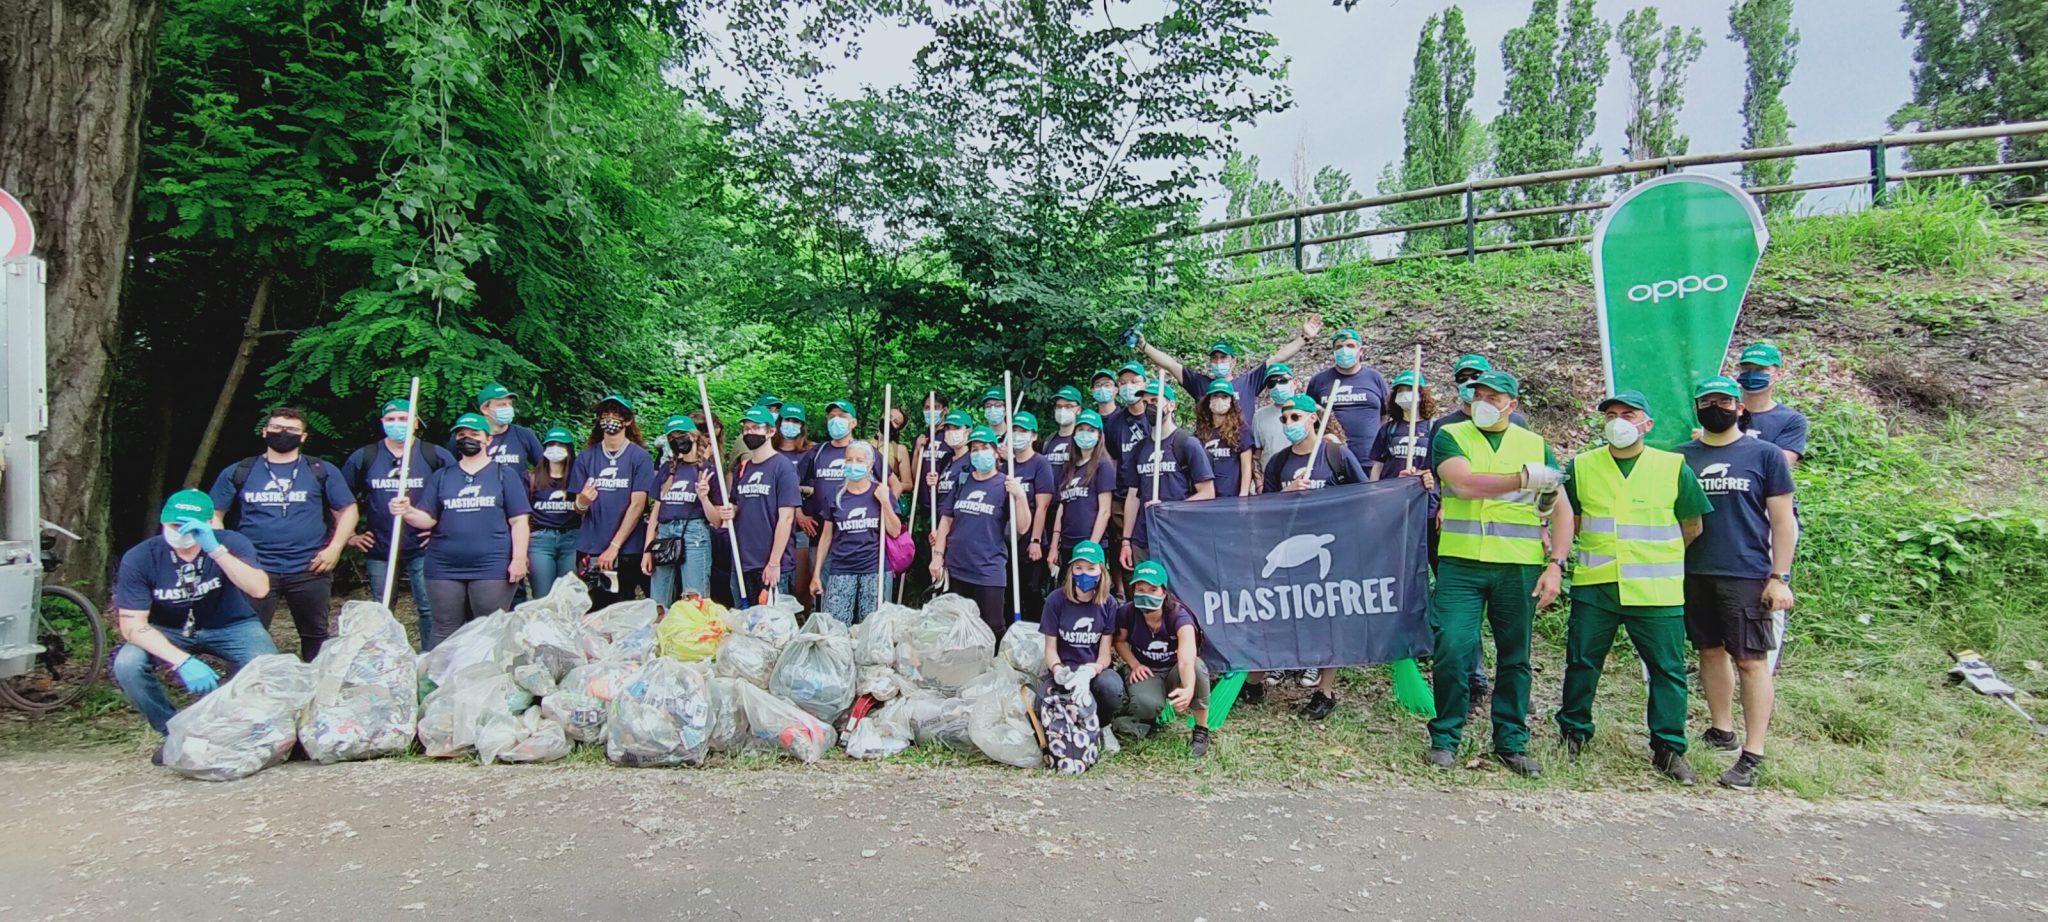 OPPO in prima linea contro l'inquinamento delle plastiche